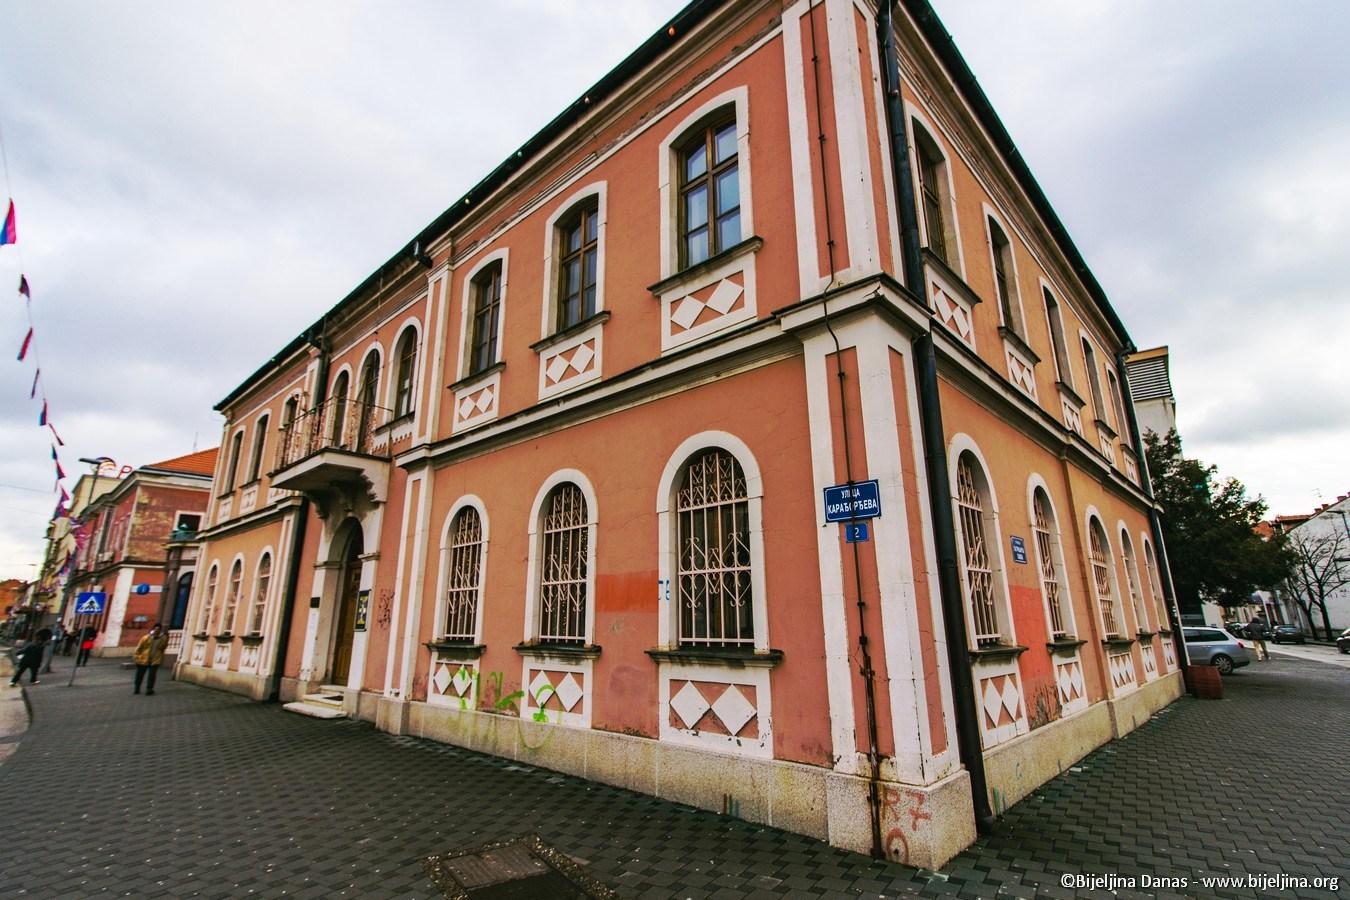 Bijeljina, Obilježavanje jubileja - 50 godina postojanja Muzeja Semberije Muzej Semberije